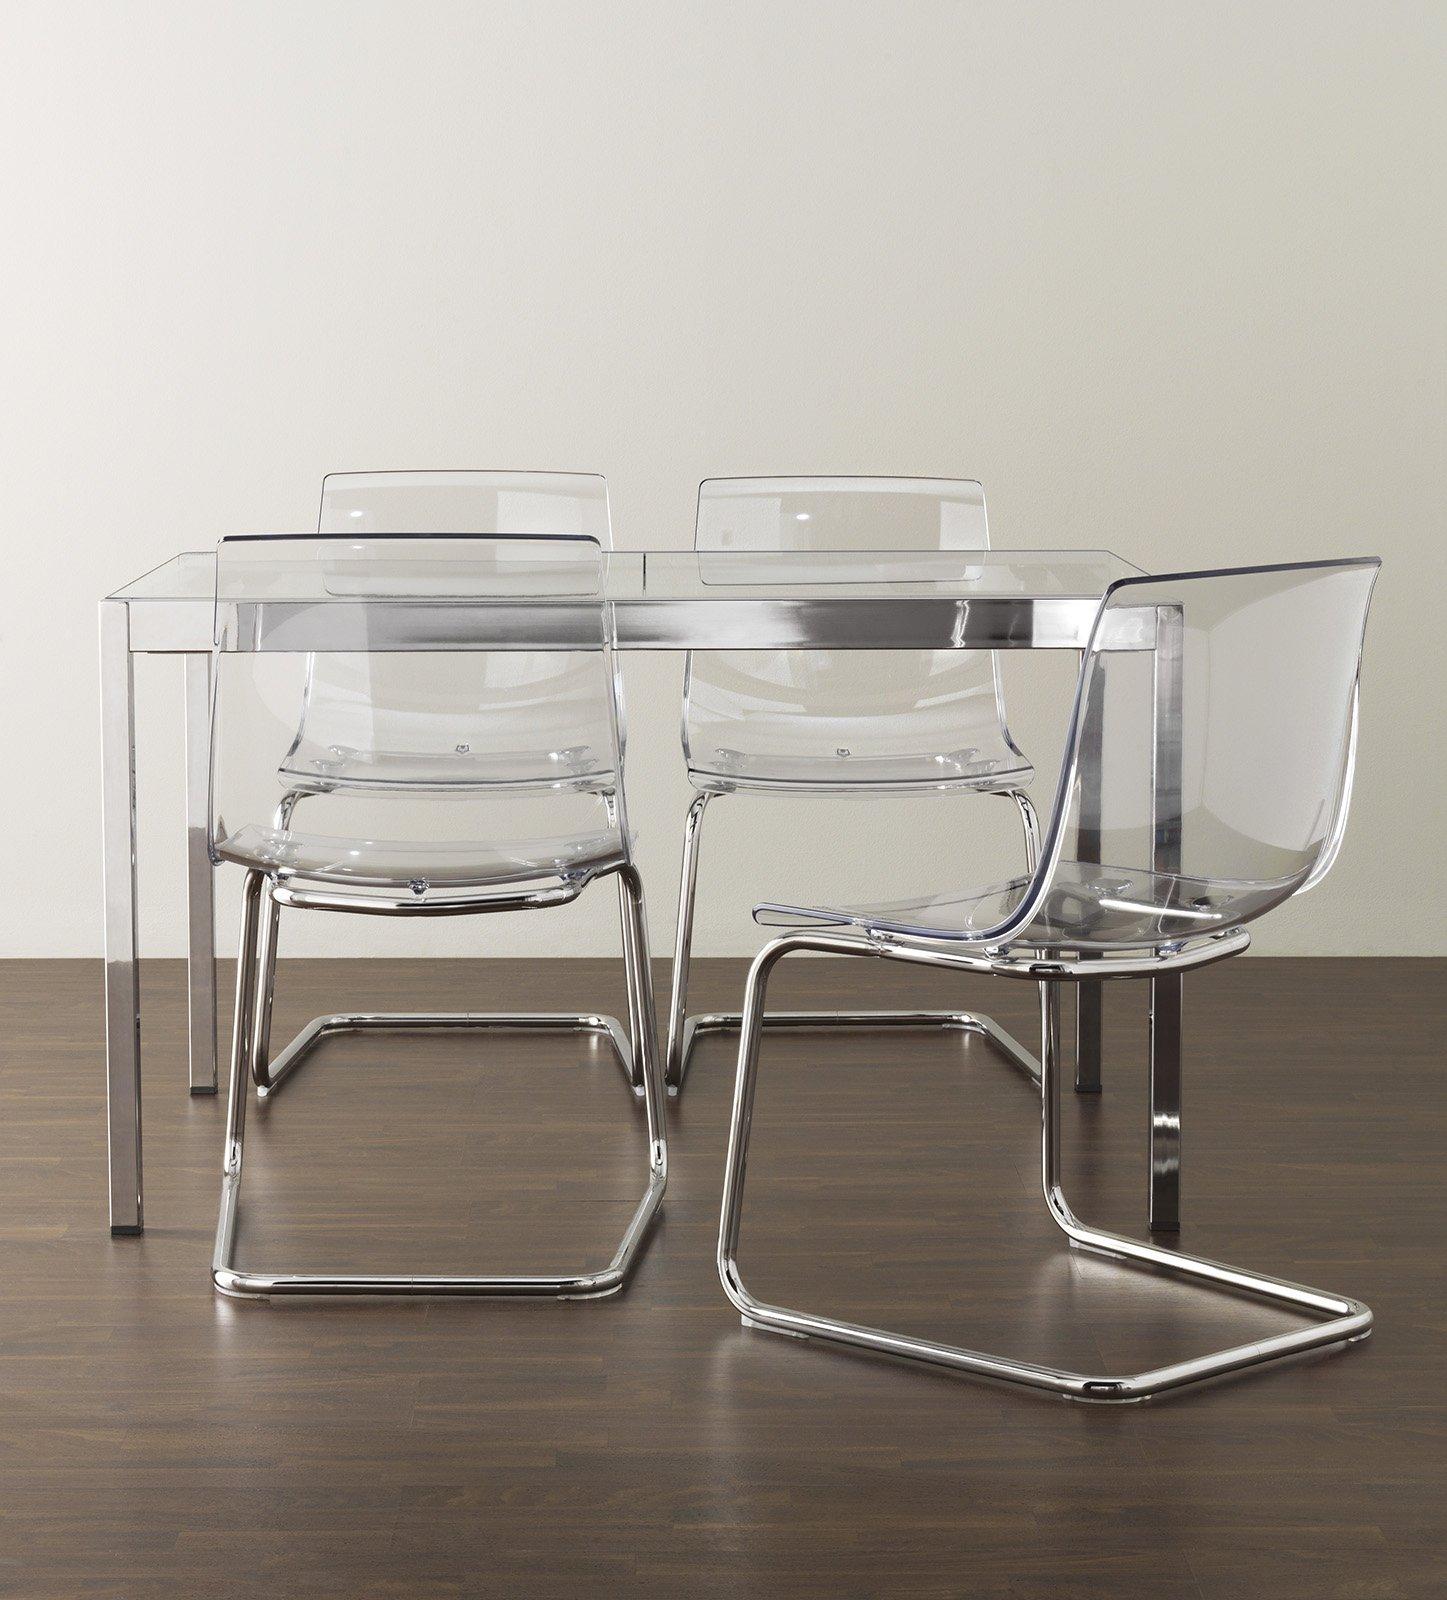 Ikea tobias sedie trasparenti cose di casa for Sedie ikea soggiorno